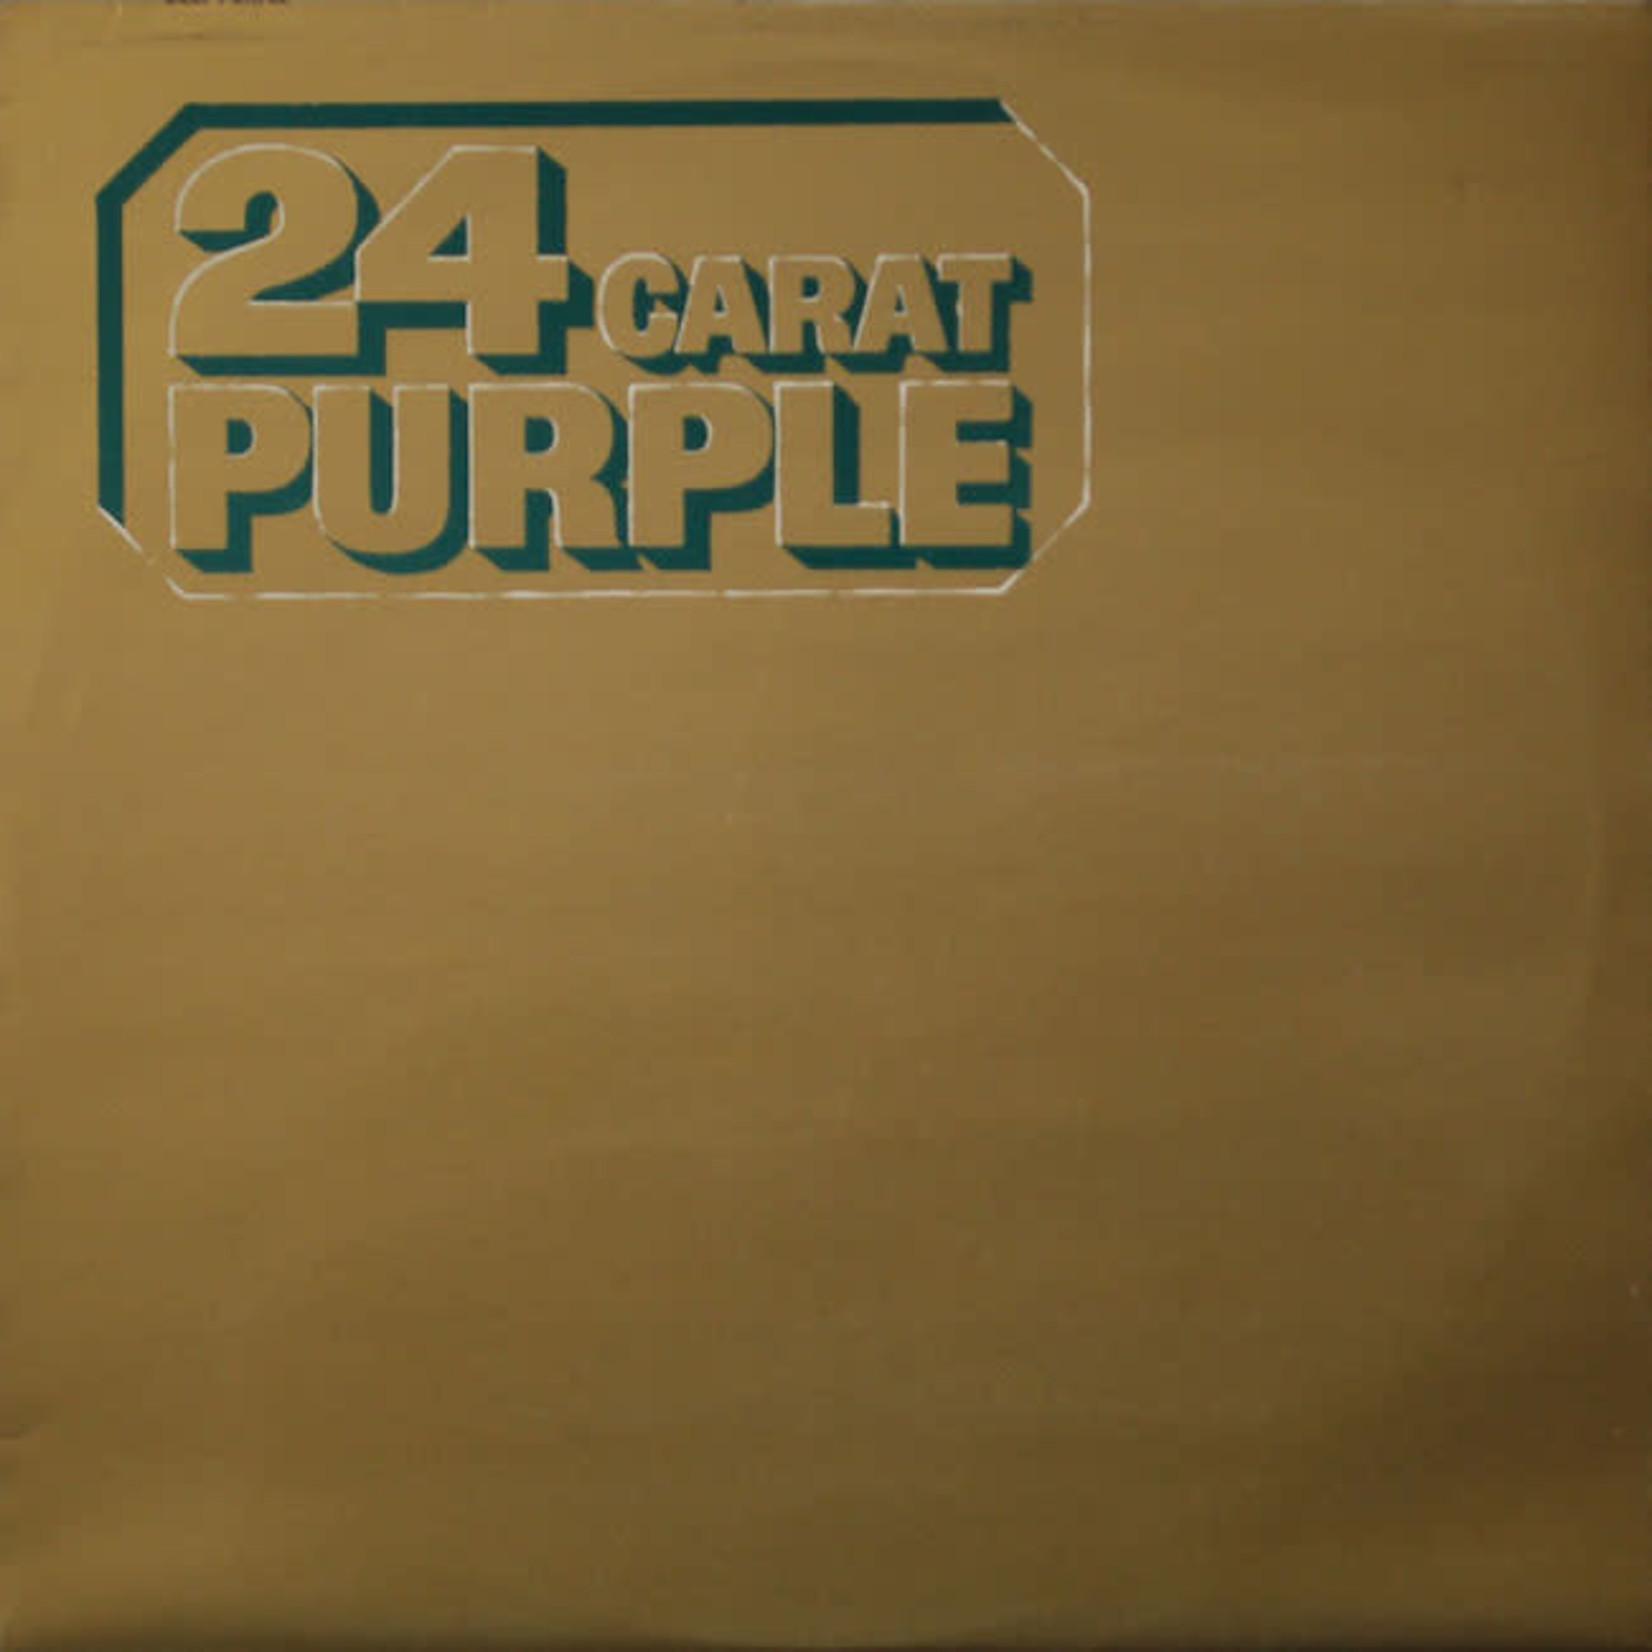 [Vintage] Deep Purple: 24 Carat Purple